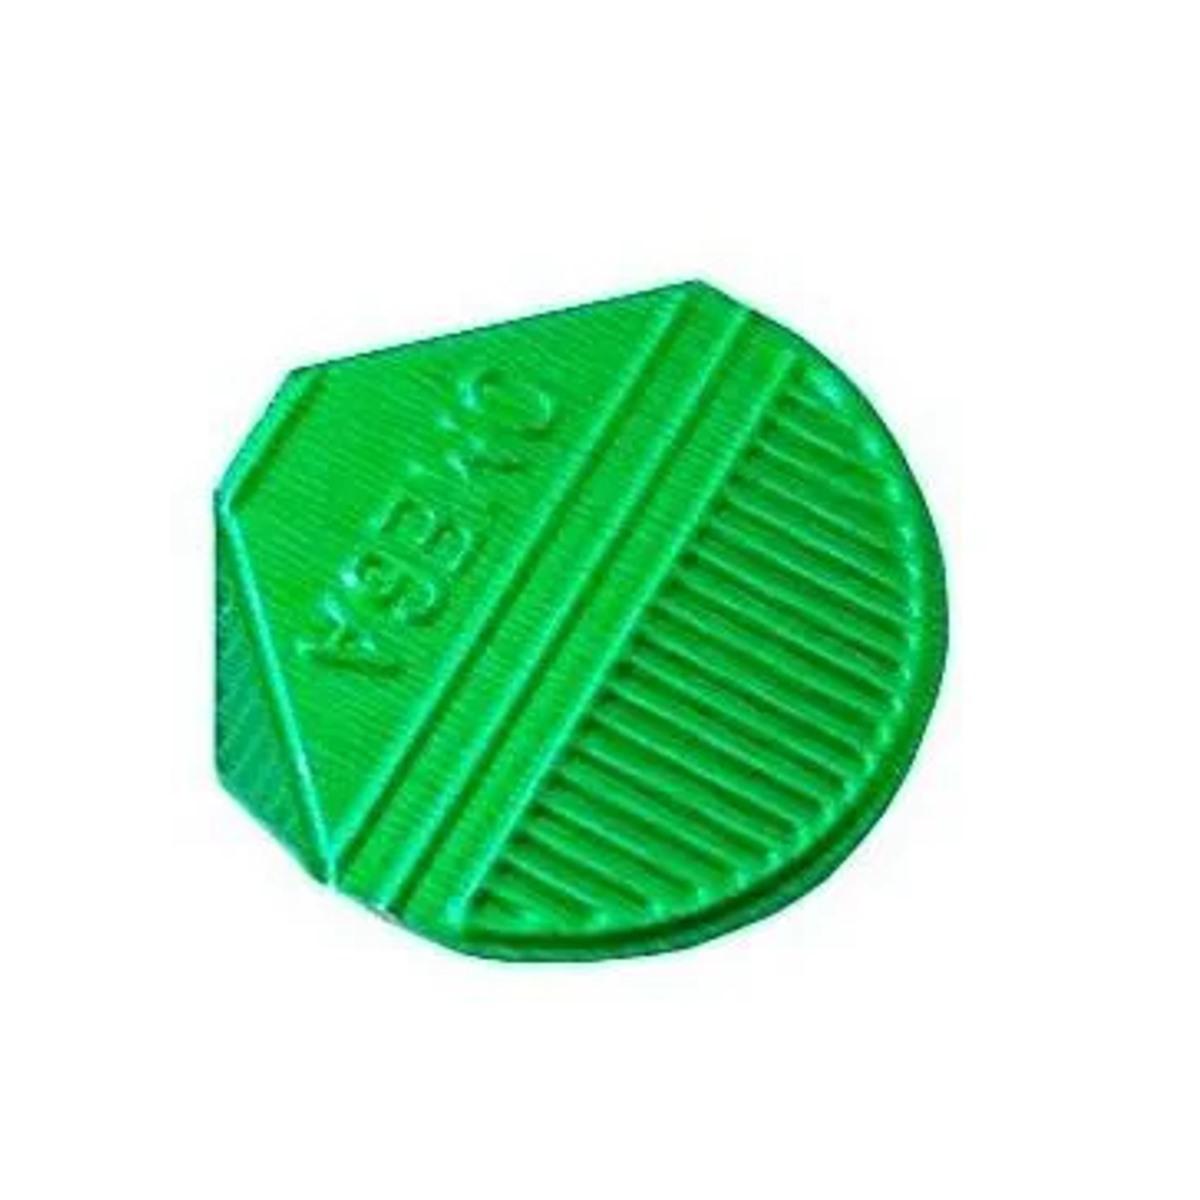 Prendedor de  Papel Presclip Omega - Caixa 1000 Unds Verde